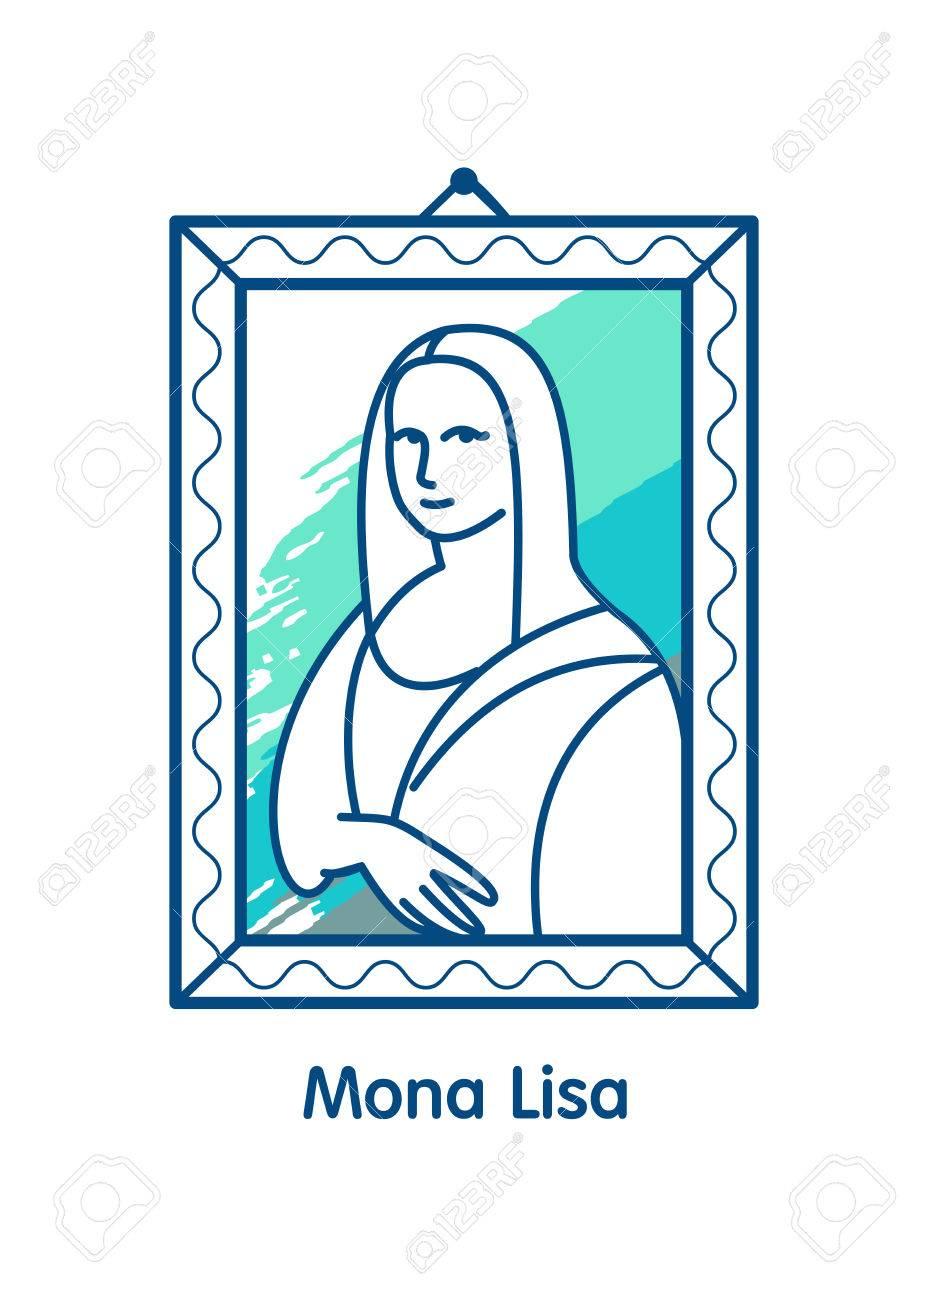 Großartig Mona Lisa Ausmalbilder Zeitgenössisch - Entry Level Resume ...